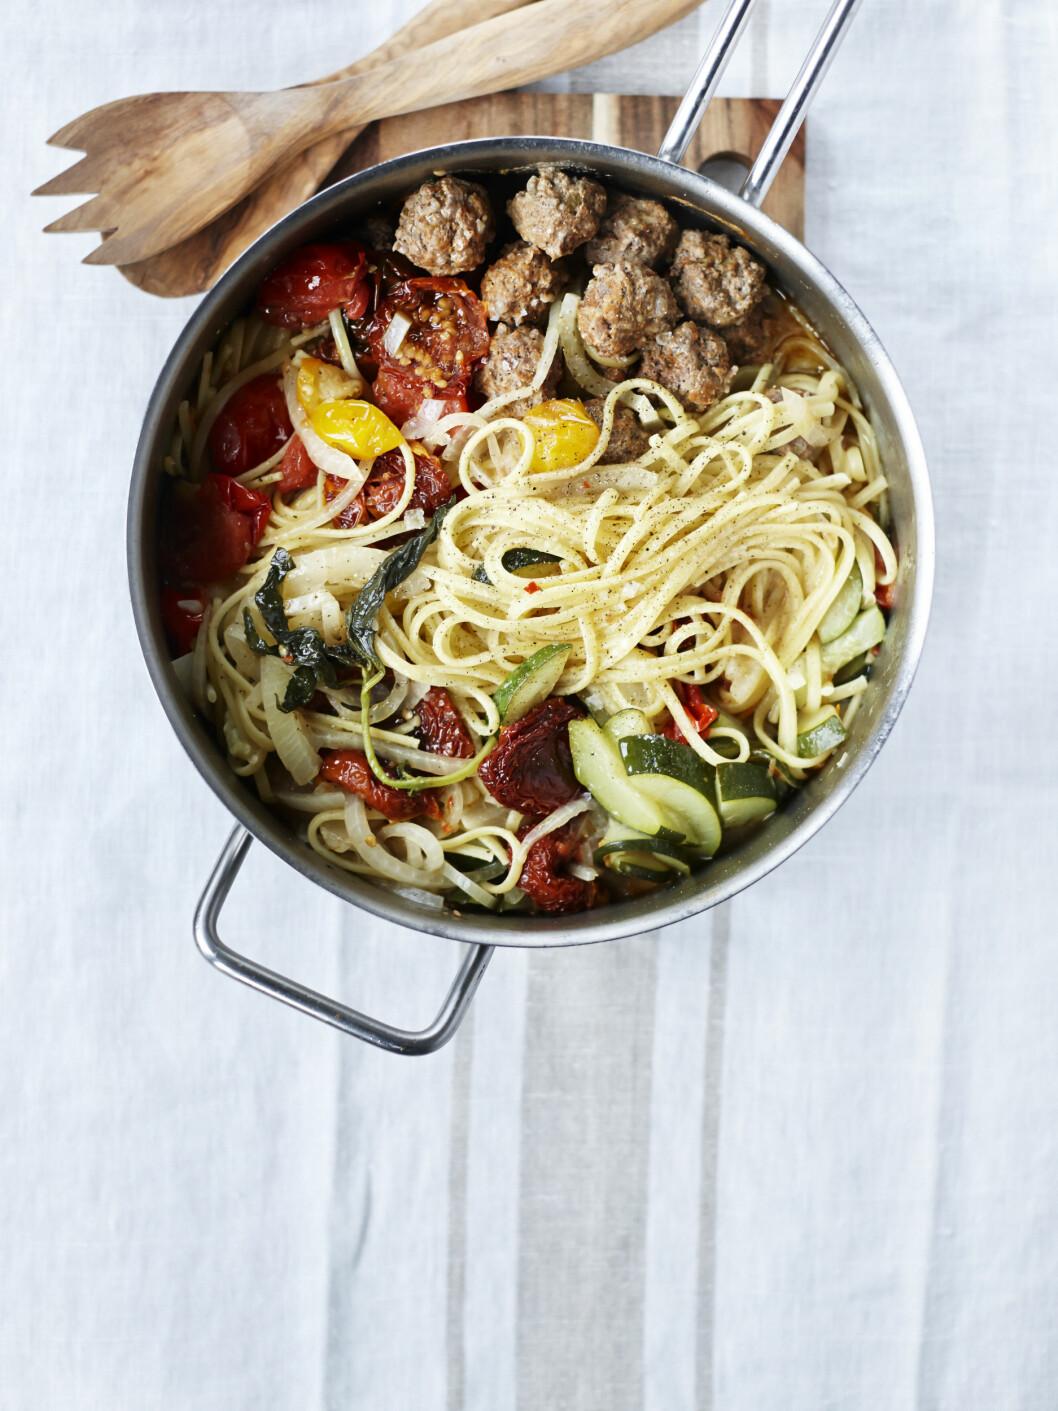 Alt i et gryte med spagetti, kjøttboller og tomater Foto: All Over Press